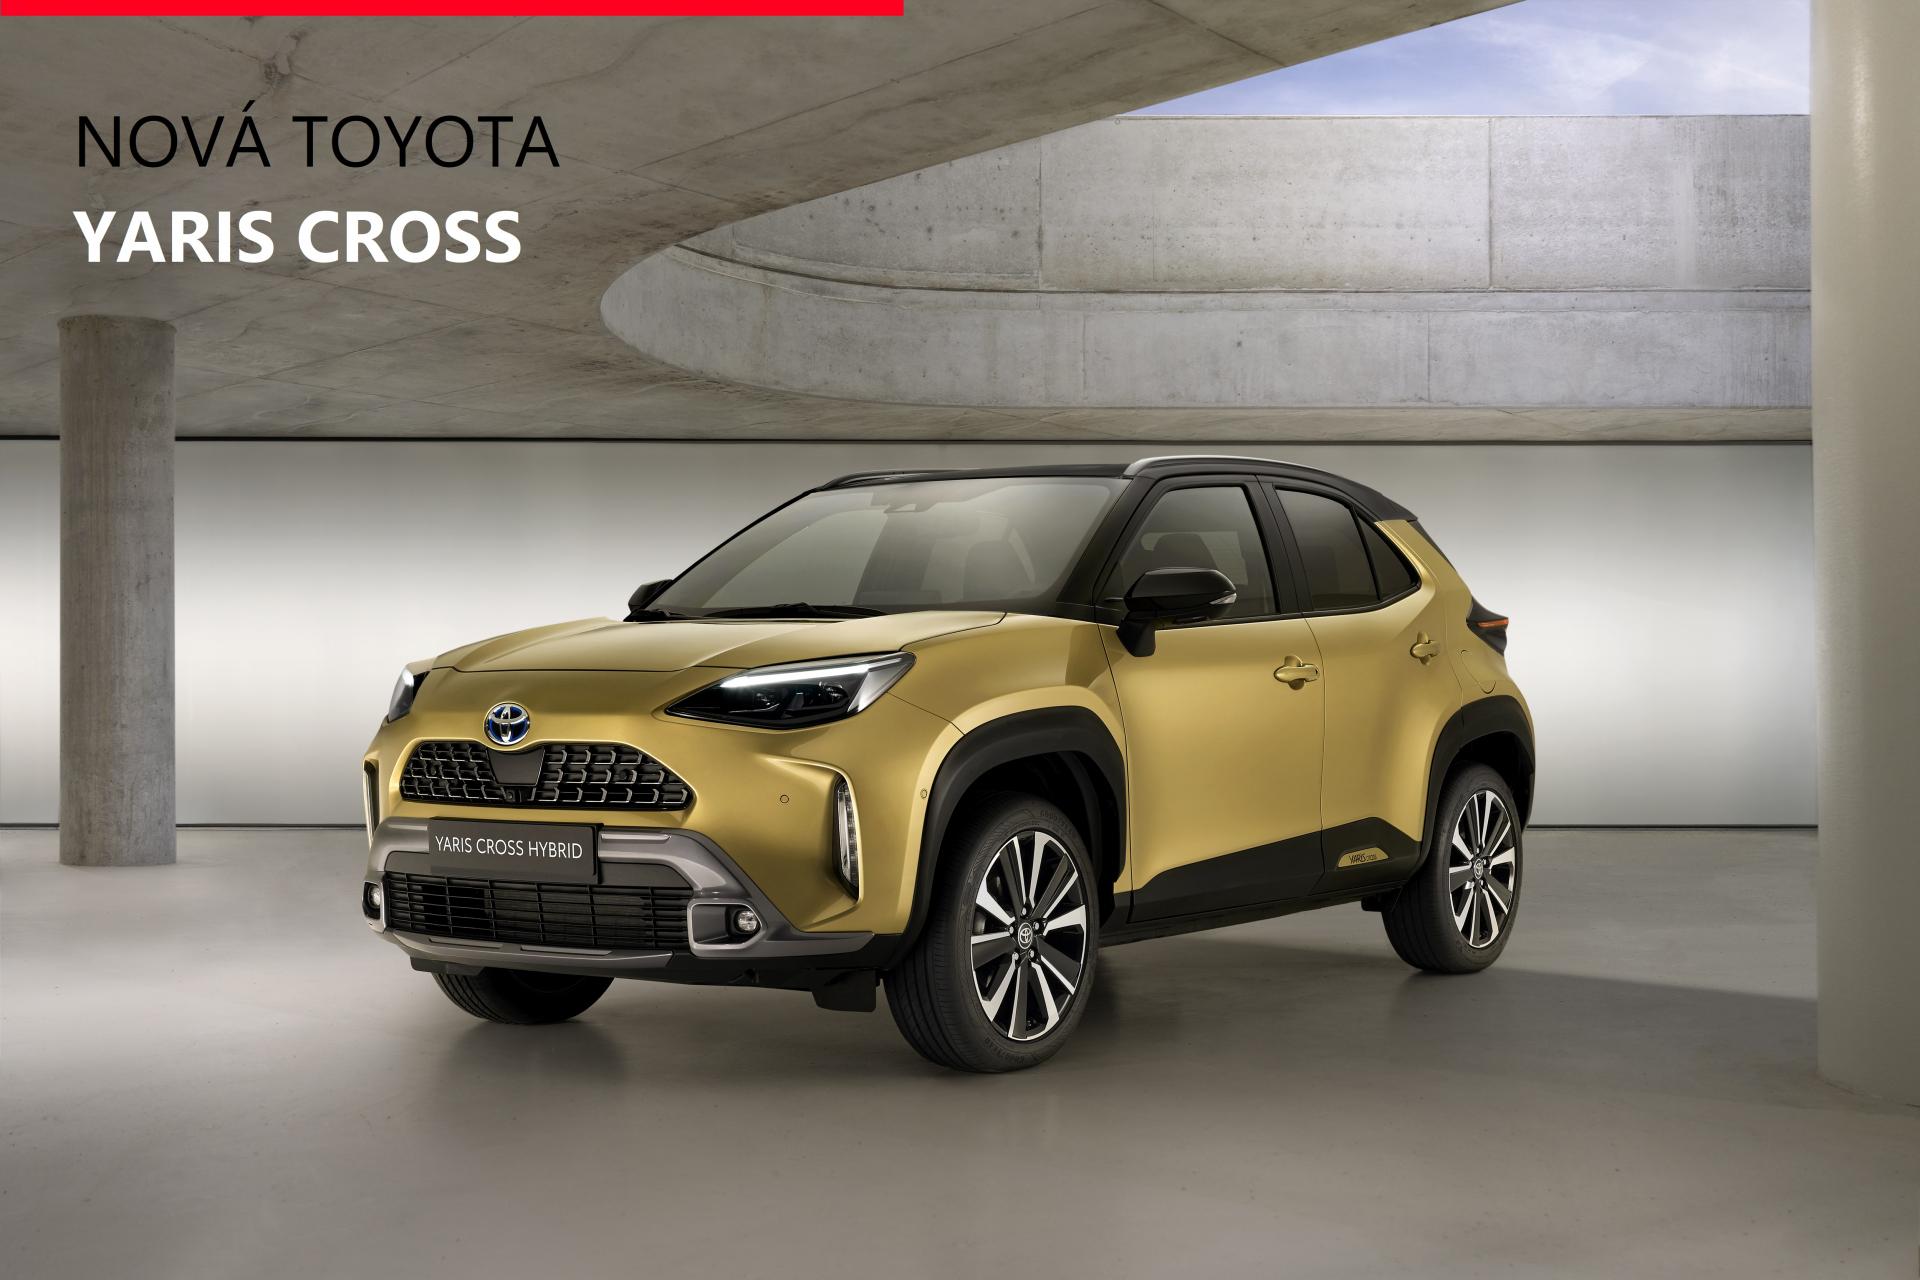 14. 5. 2021 - Předpremiéra zcela nové Toyoty YARIS CROSS